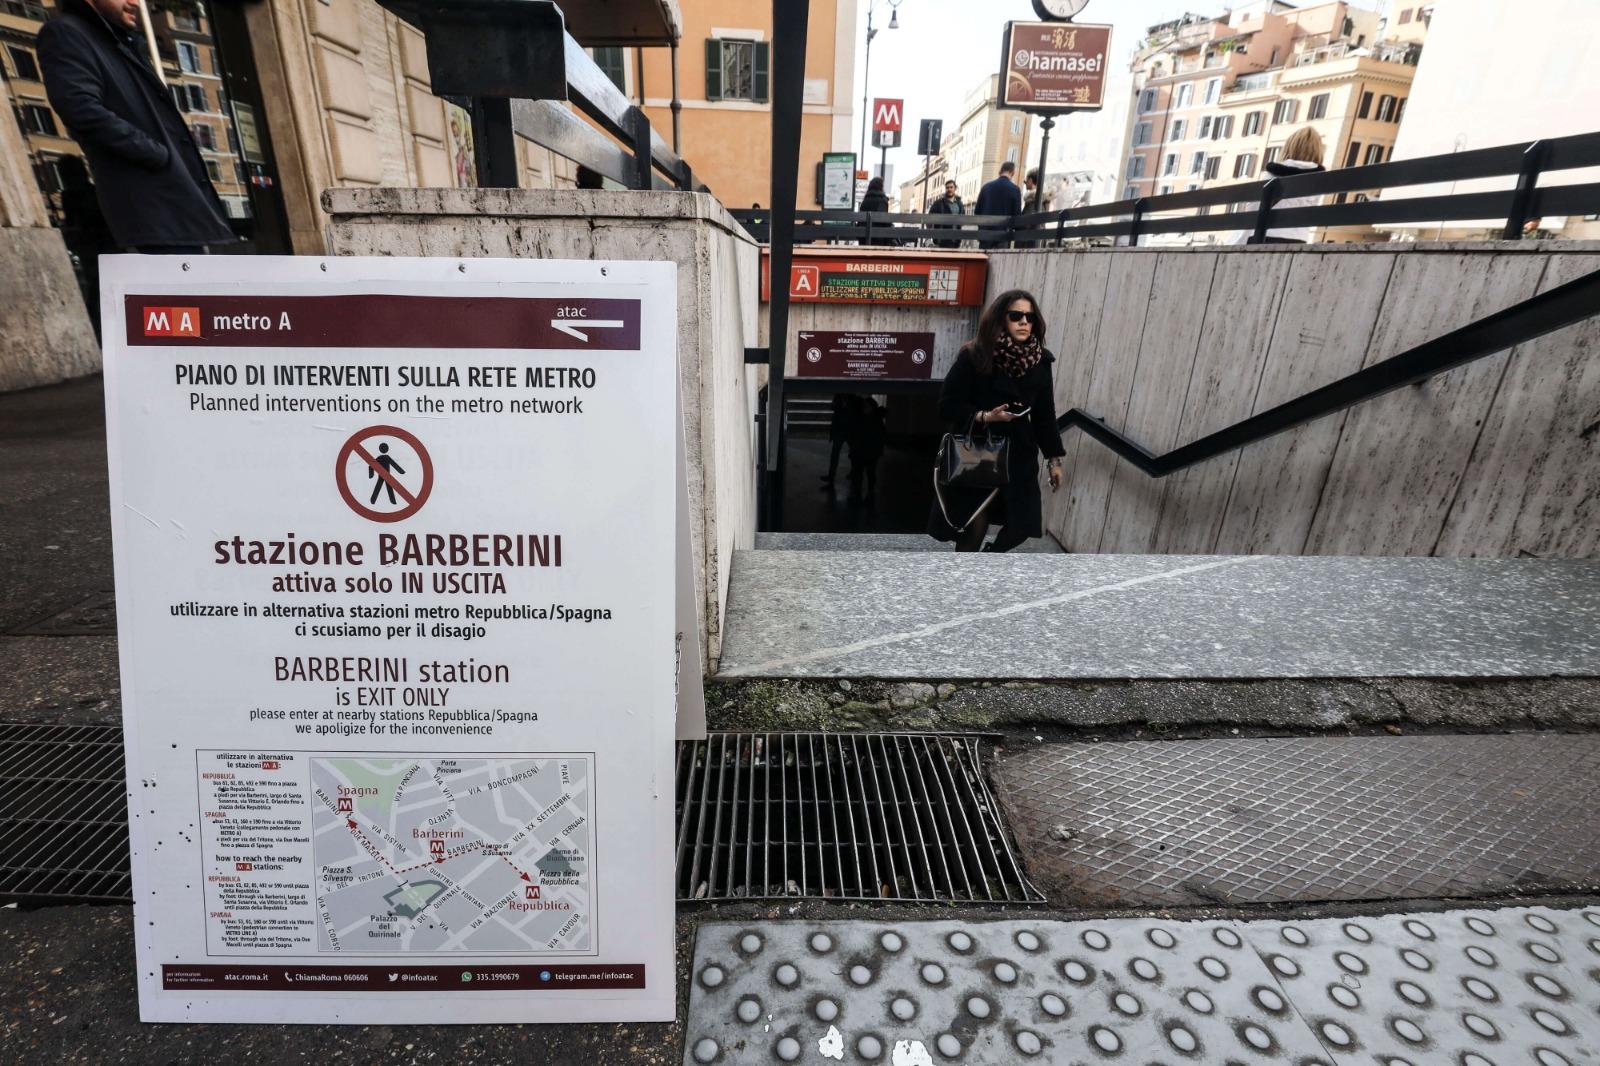 Roma, la metro Barberini riapre a metà: rabbia e stupore tra gli utenti